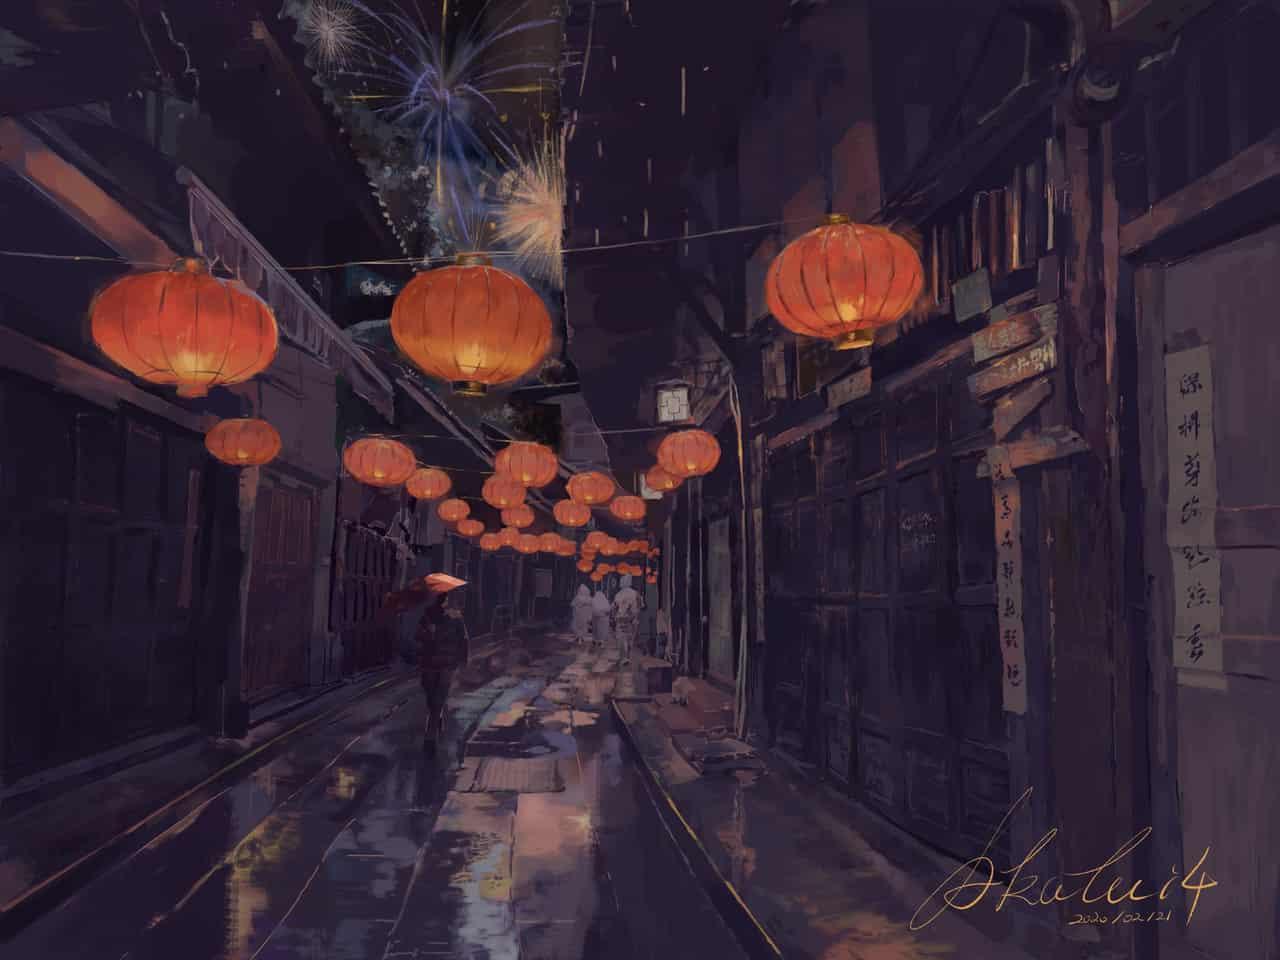 #古街夜景# Illust of 舒十四*akalui 舒十四 original 烟花 akalui scenery 古镇 灯火